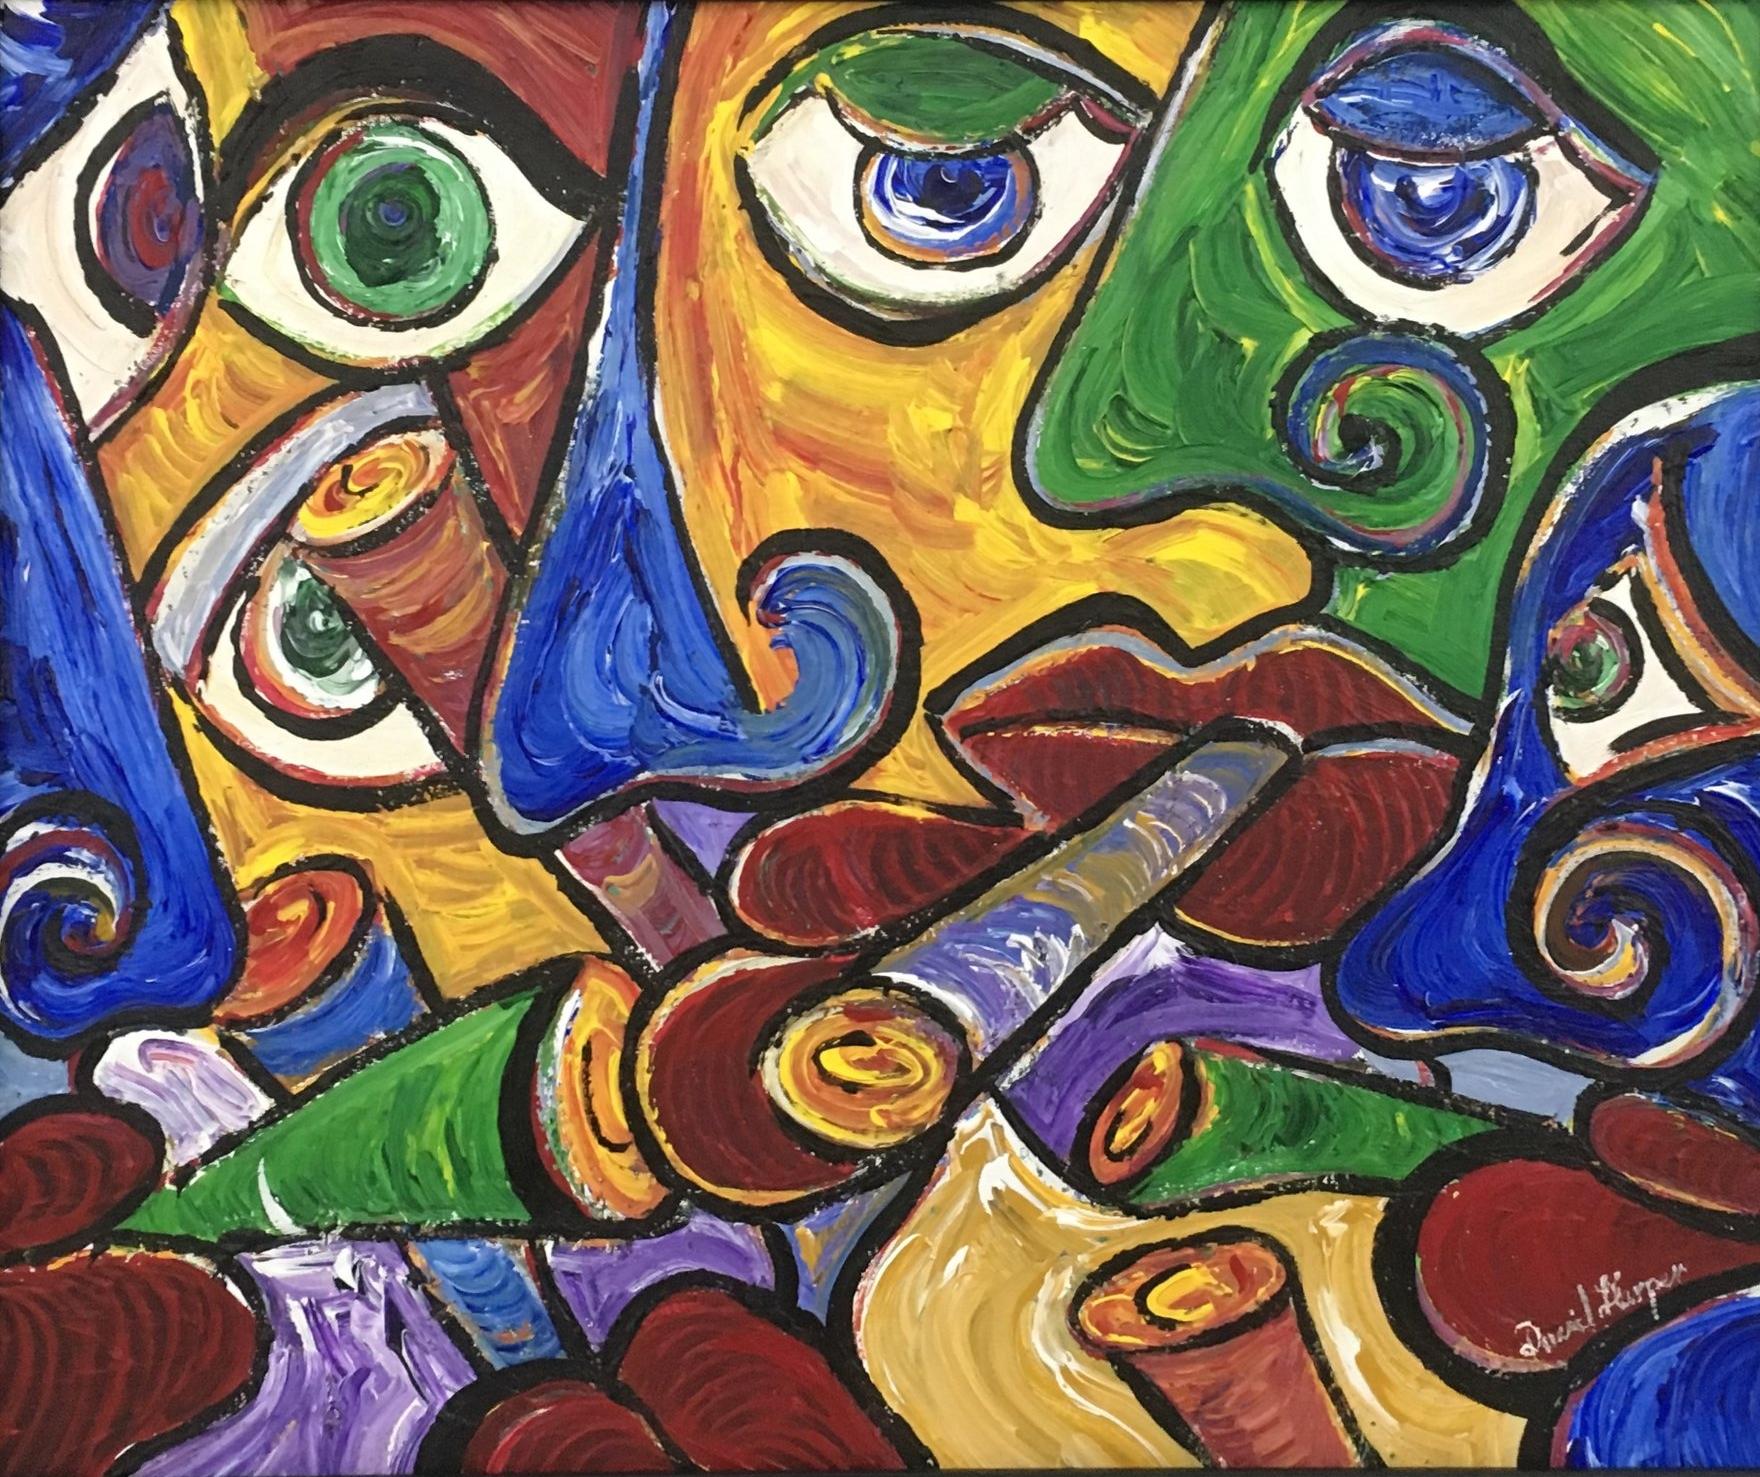 'Cigar Club', Acrylic on Canvas, 53 x 63 cm